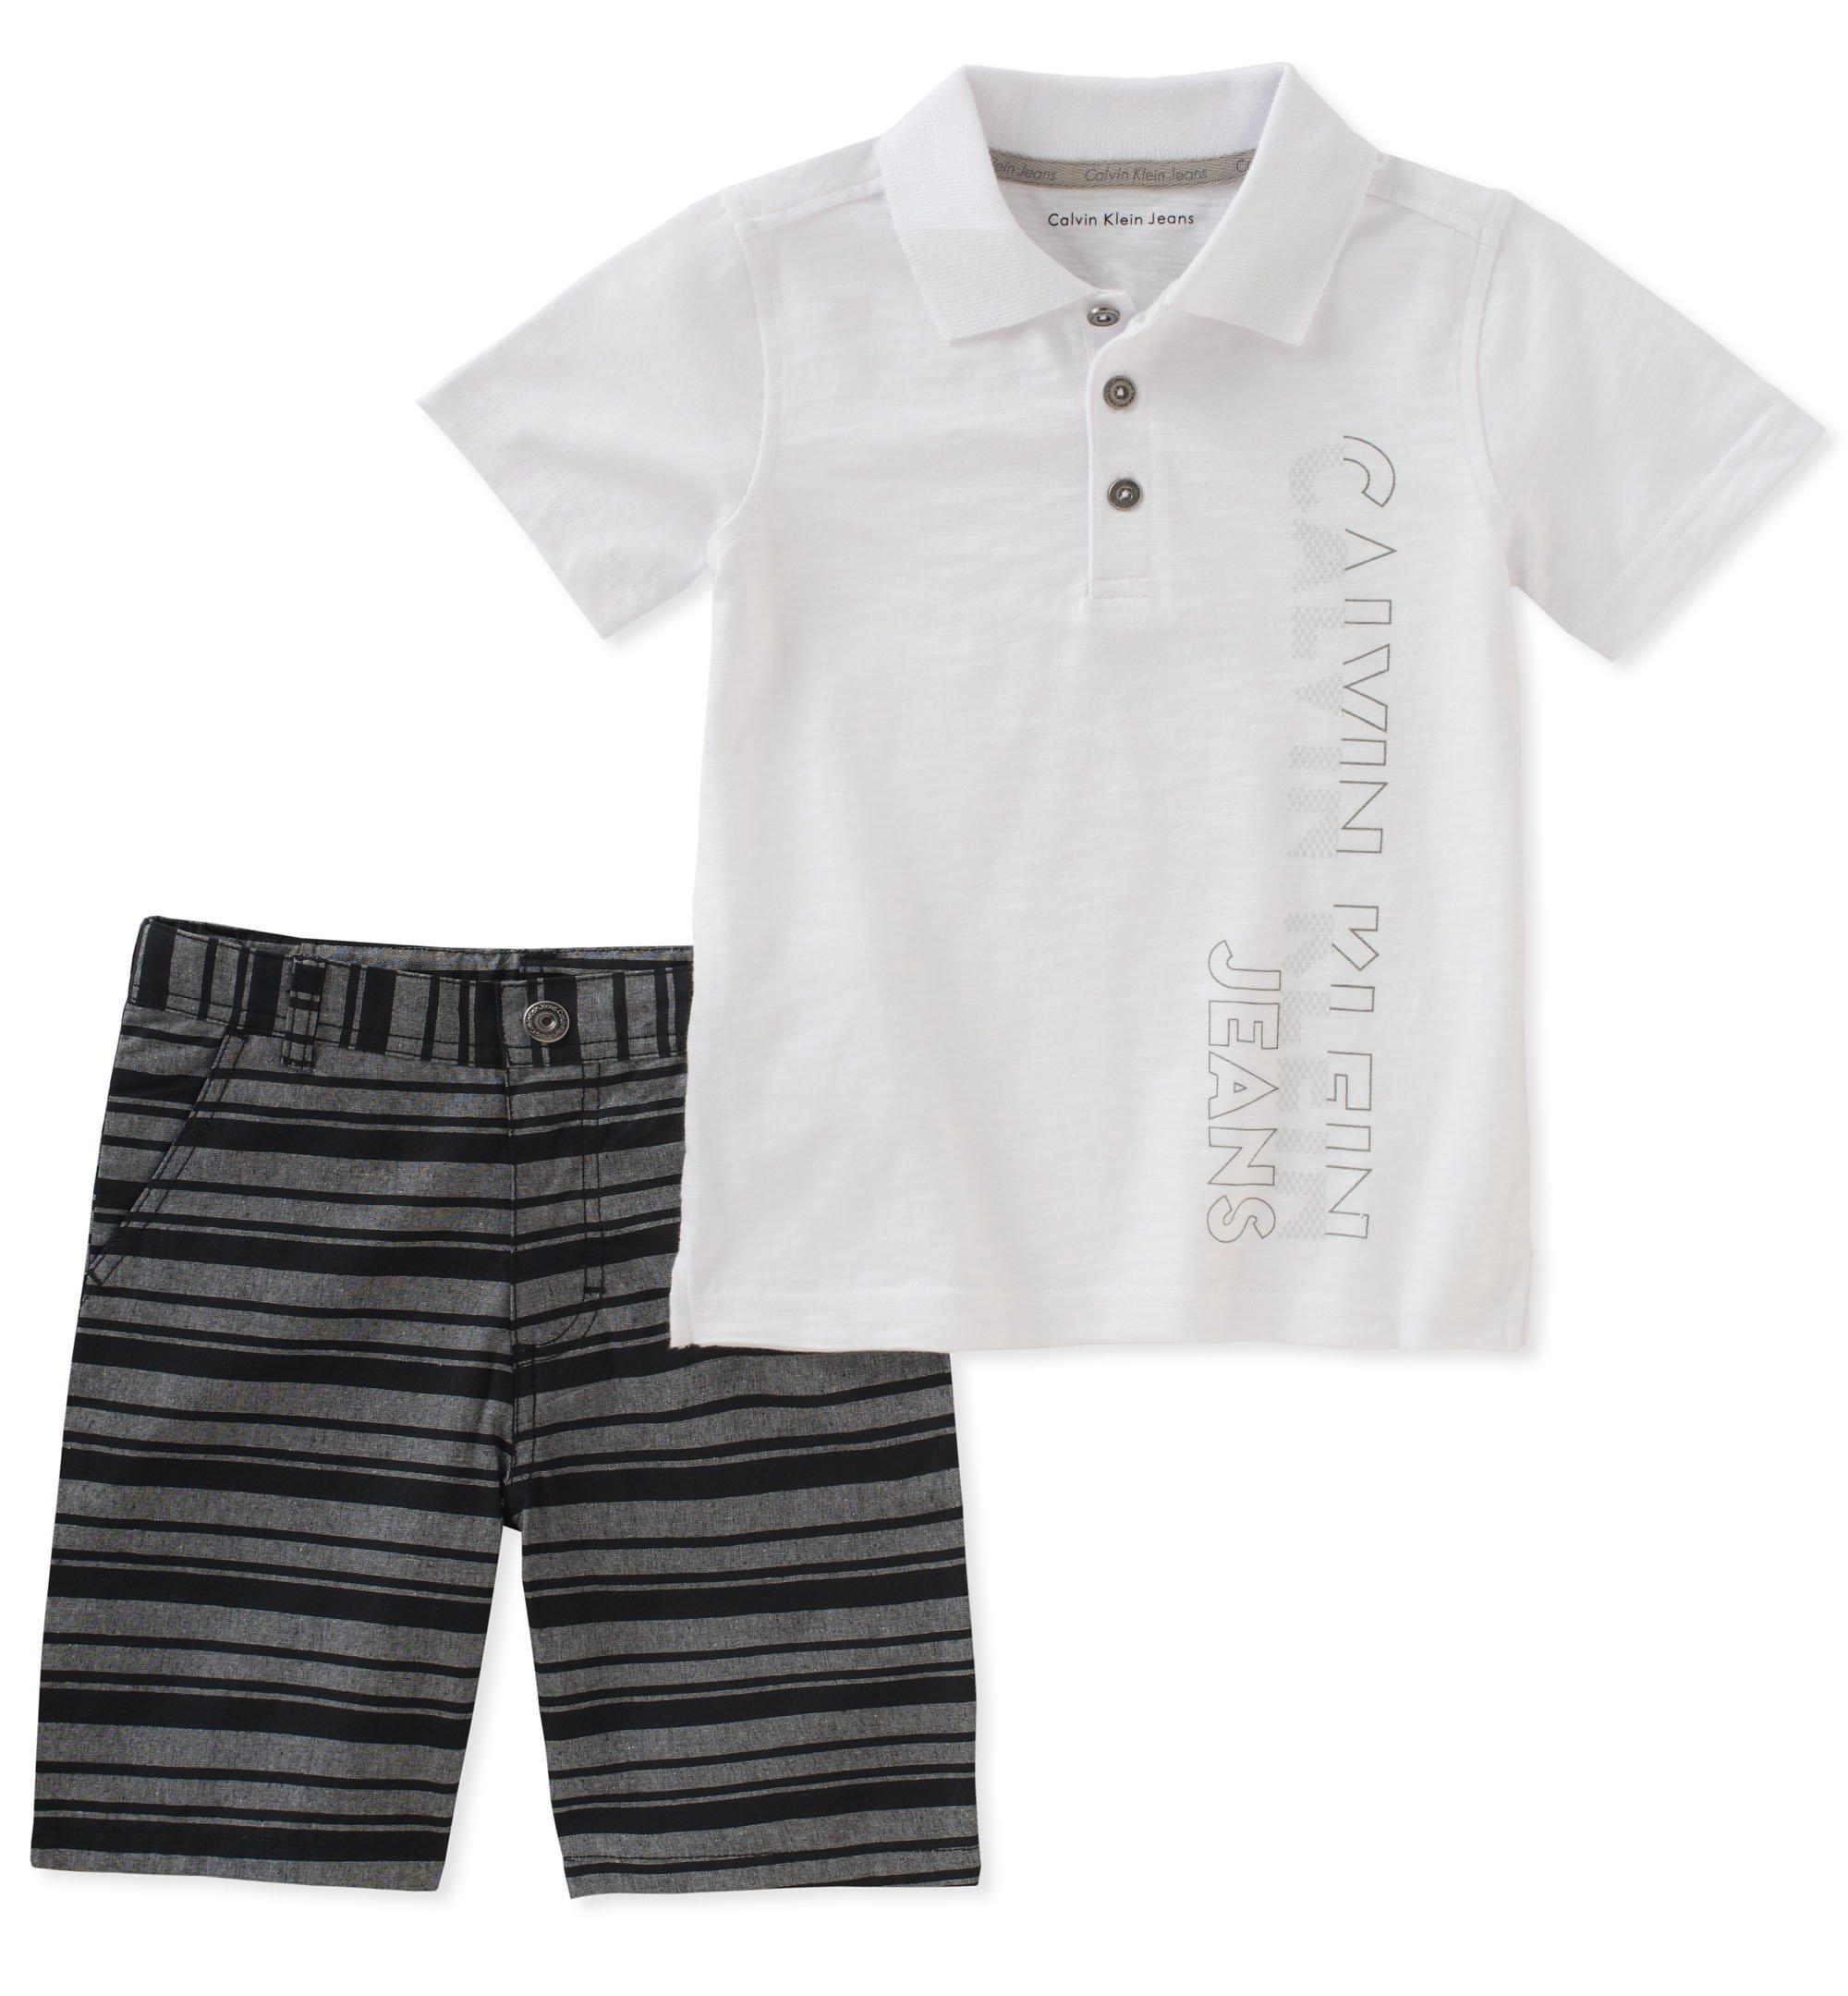 カルバンクラインボーイ2ピースPOLOシャツショートパンツセット